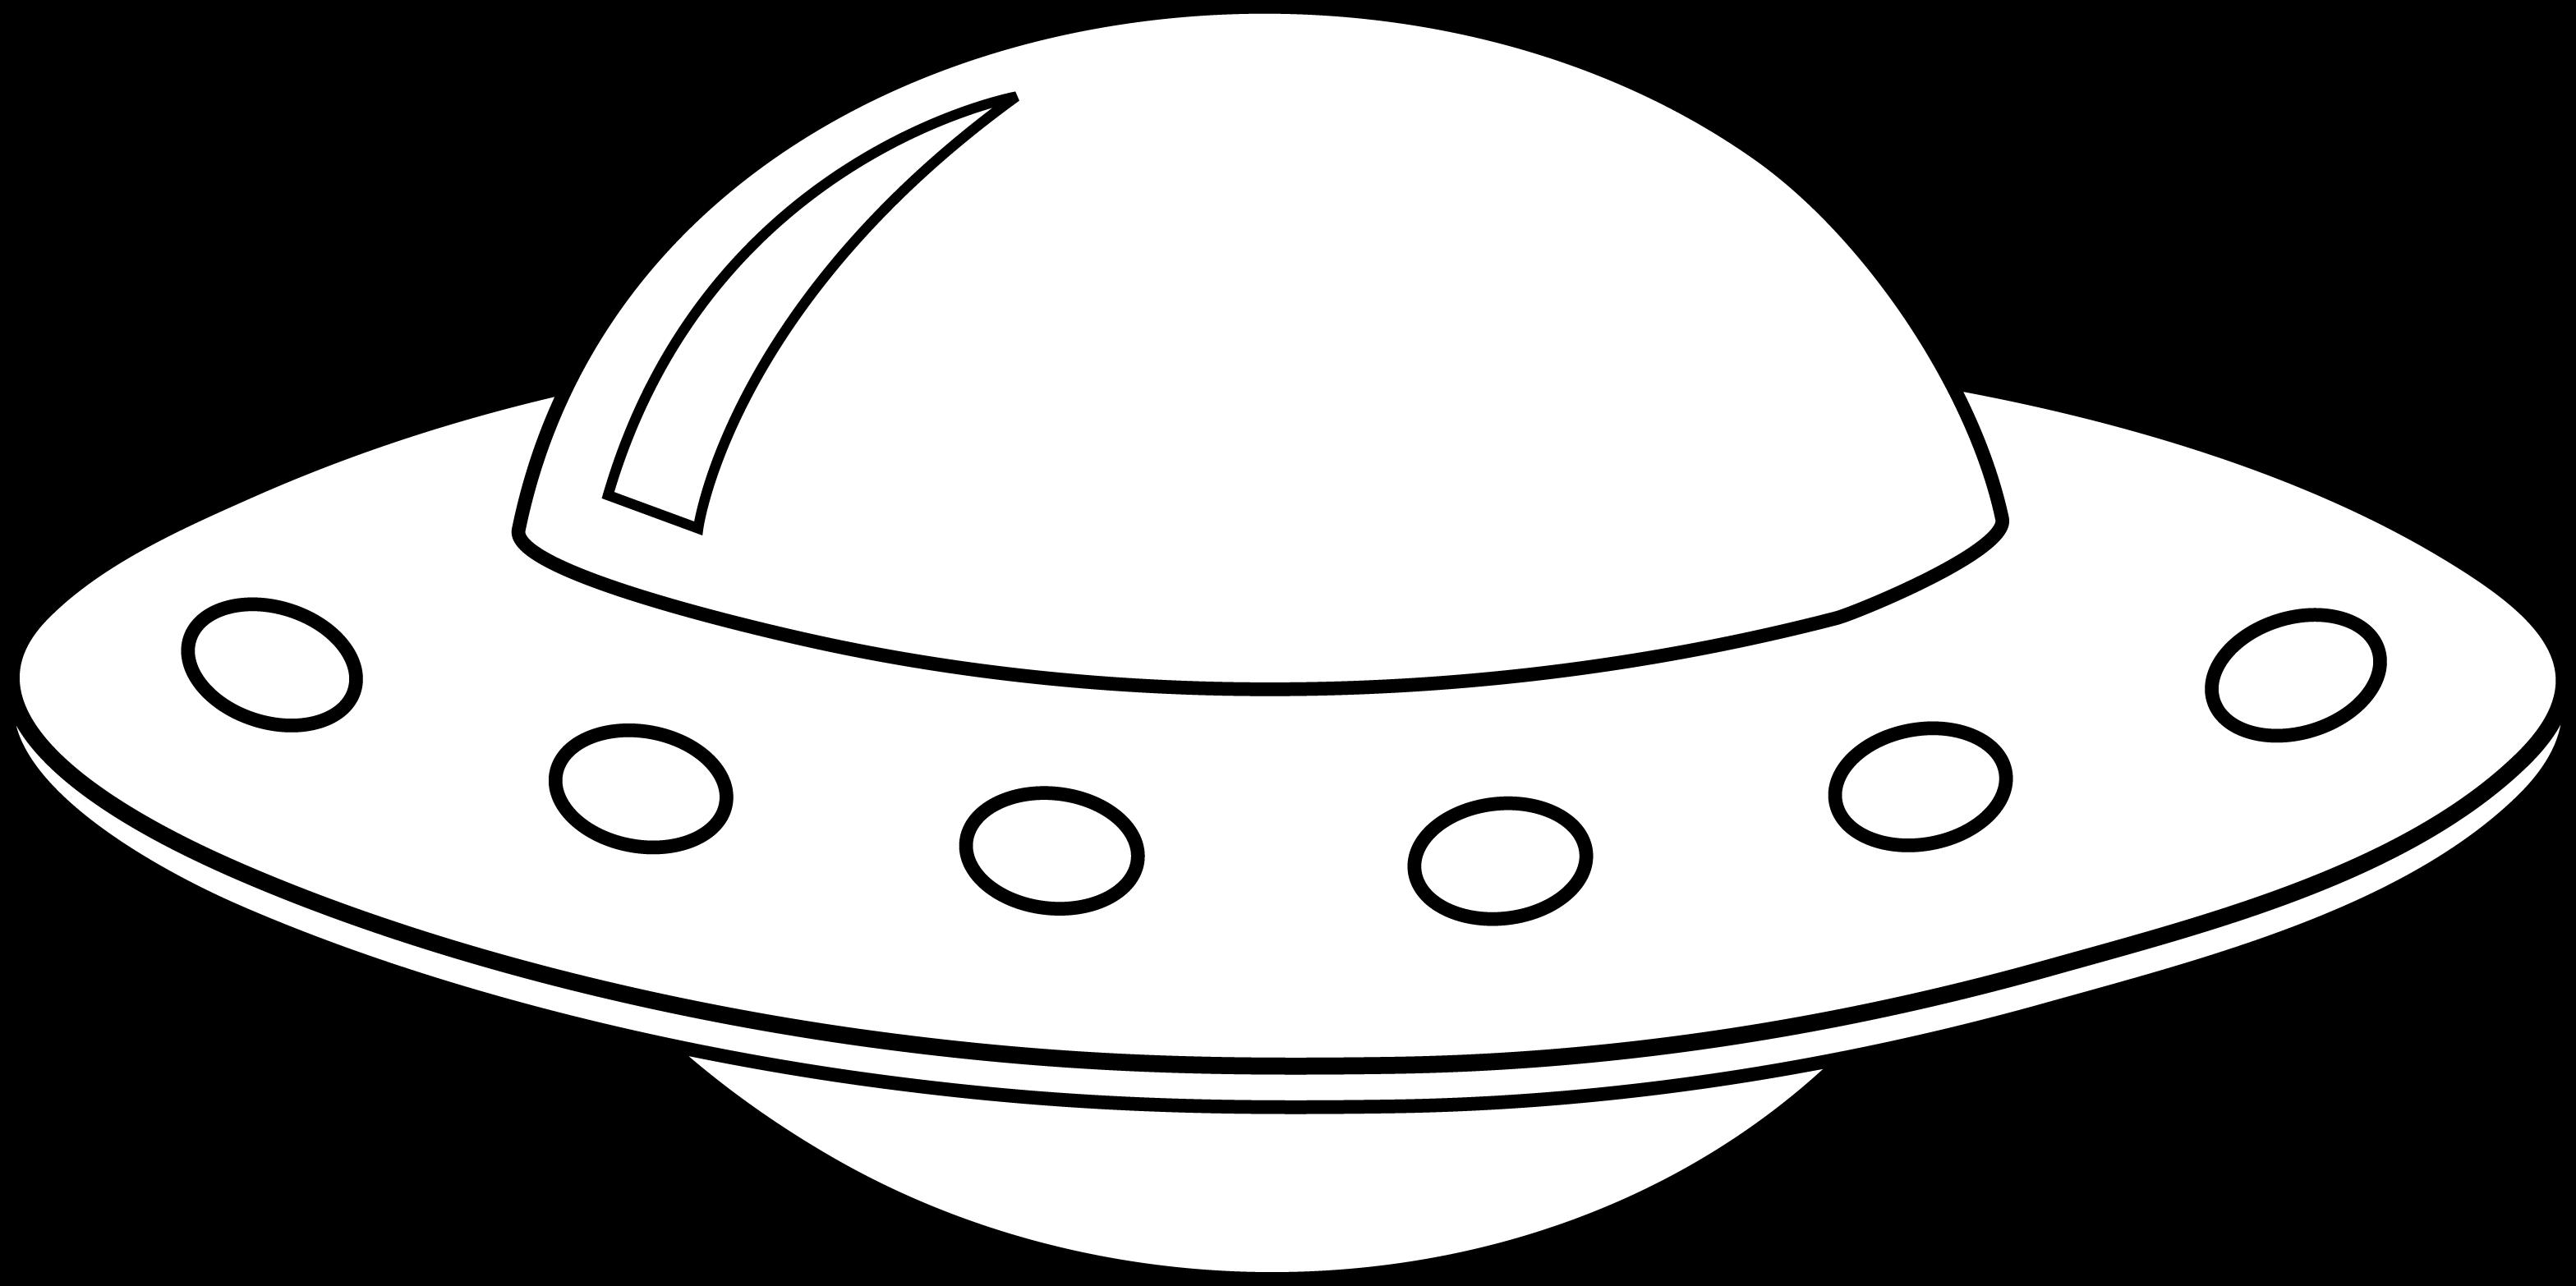 Spaceship Outline Clipart - ClipartBlack.com